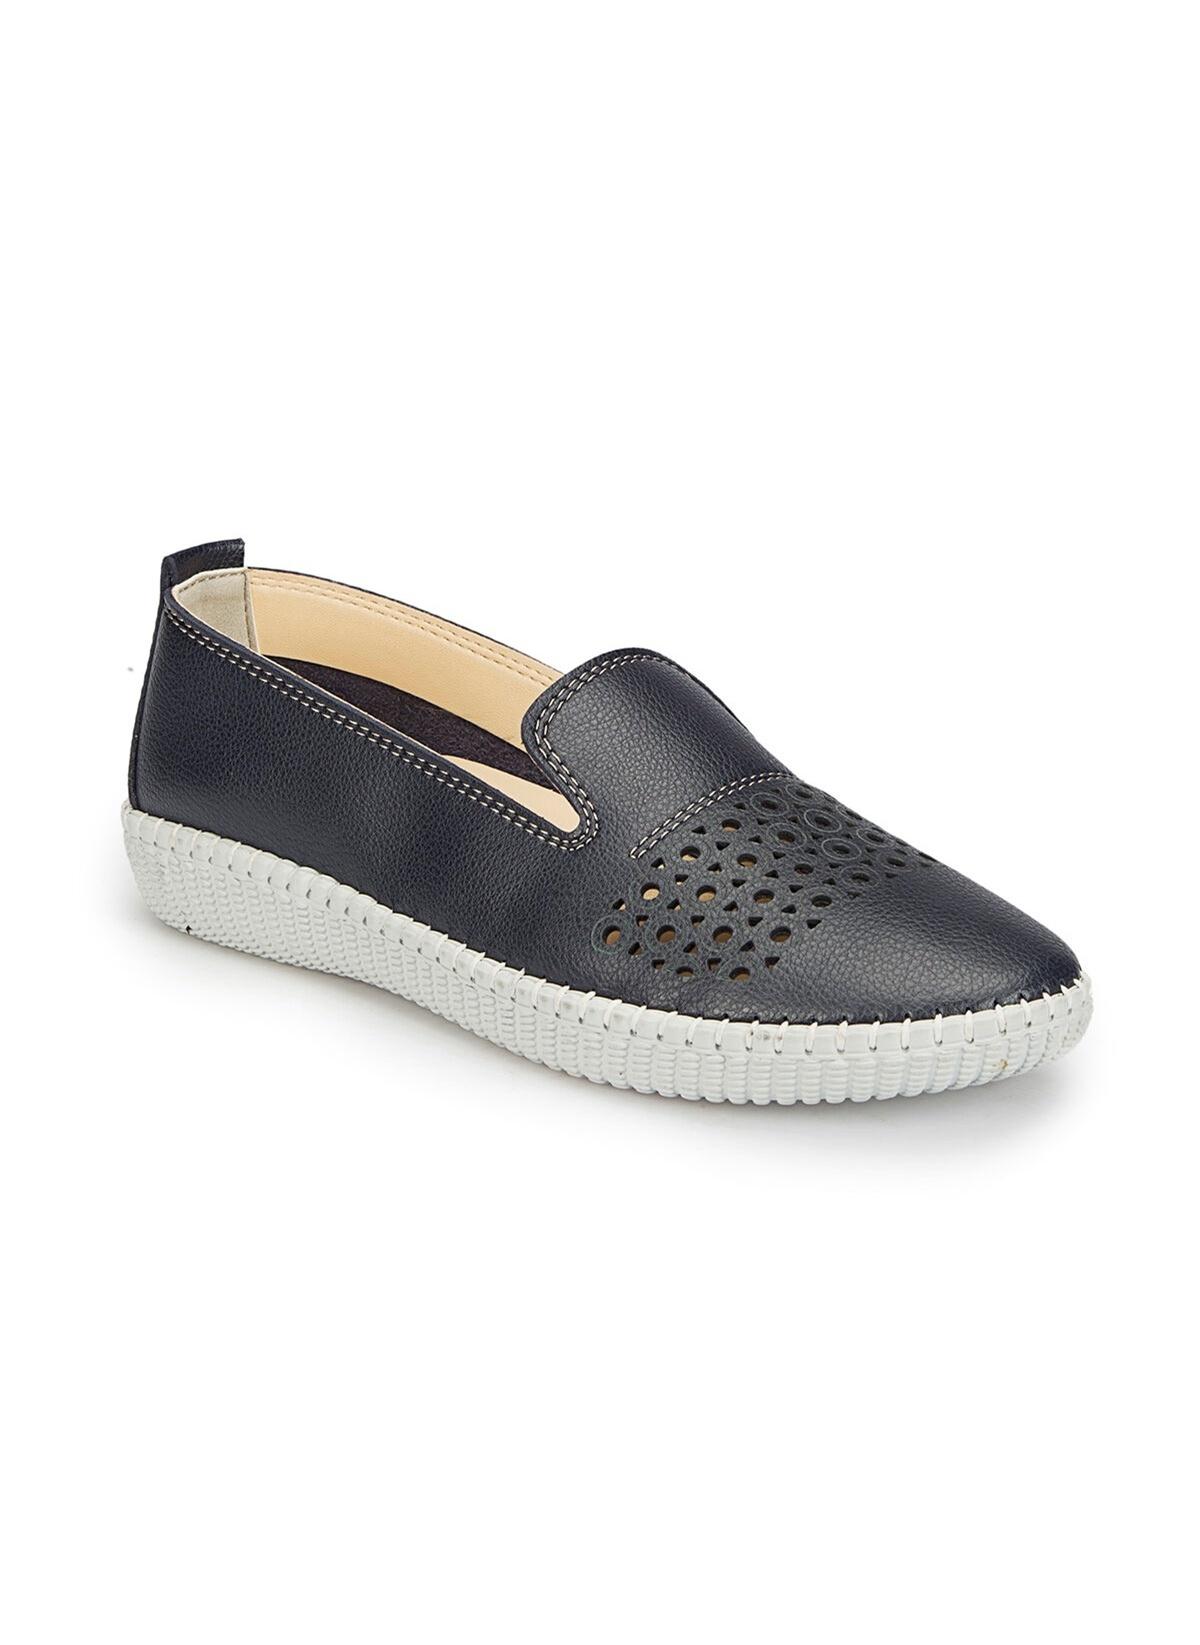 Polaris Ayakkabı 81.158415.z Basic Comfort – 59.99 TL